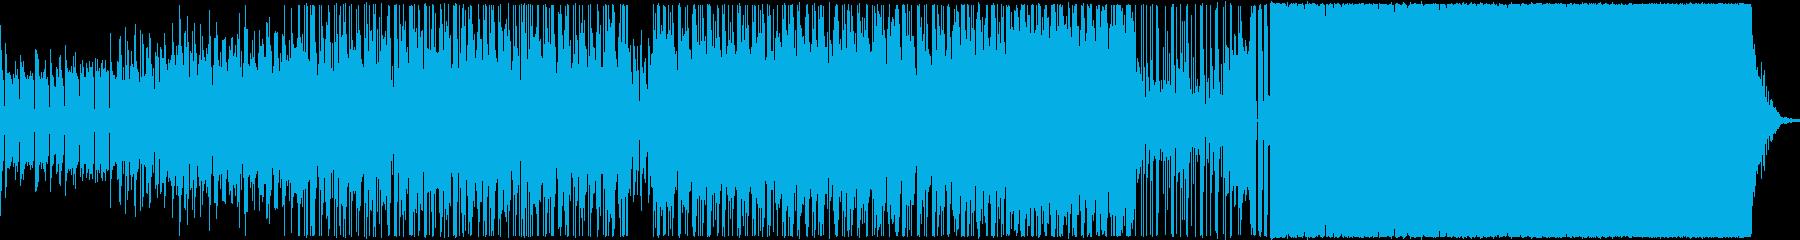 ハードヒットドラム、エレキギター、...の再生済みの波形